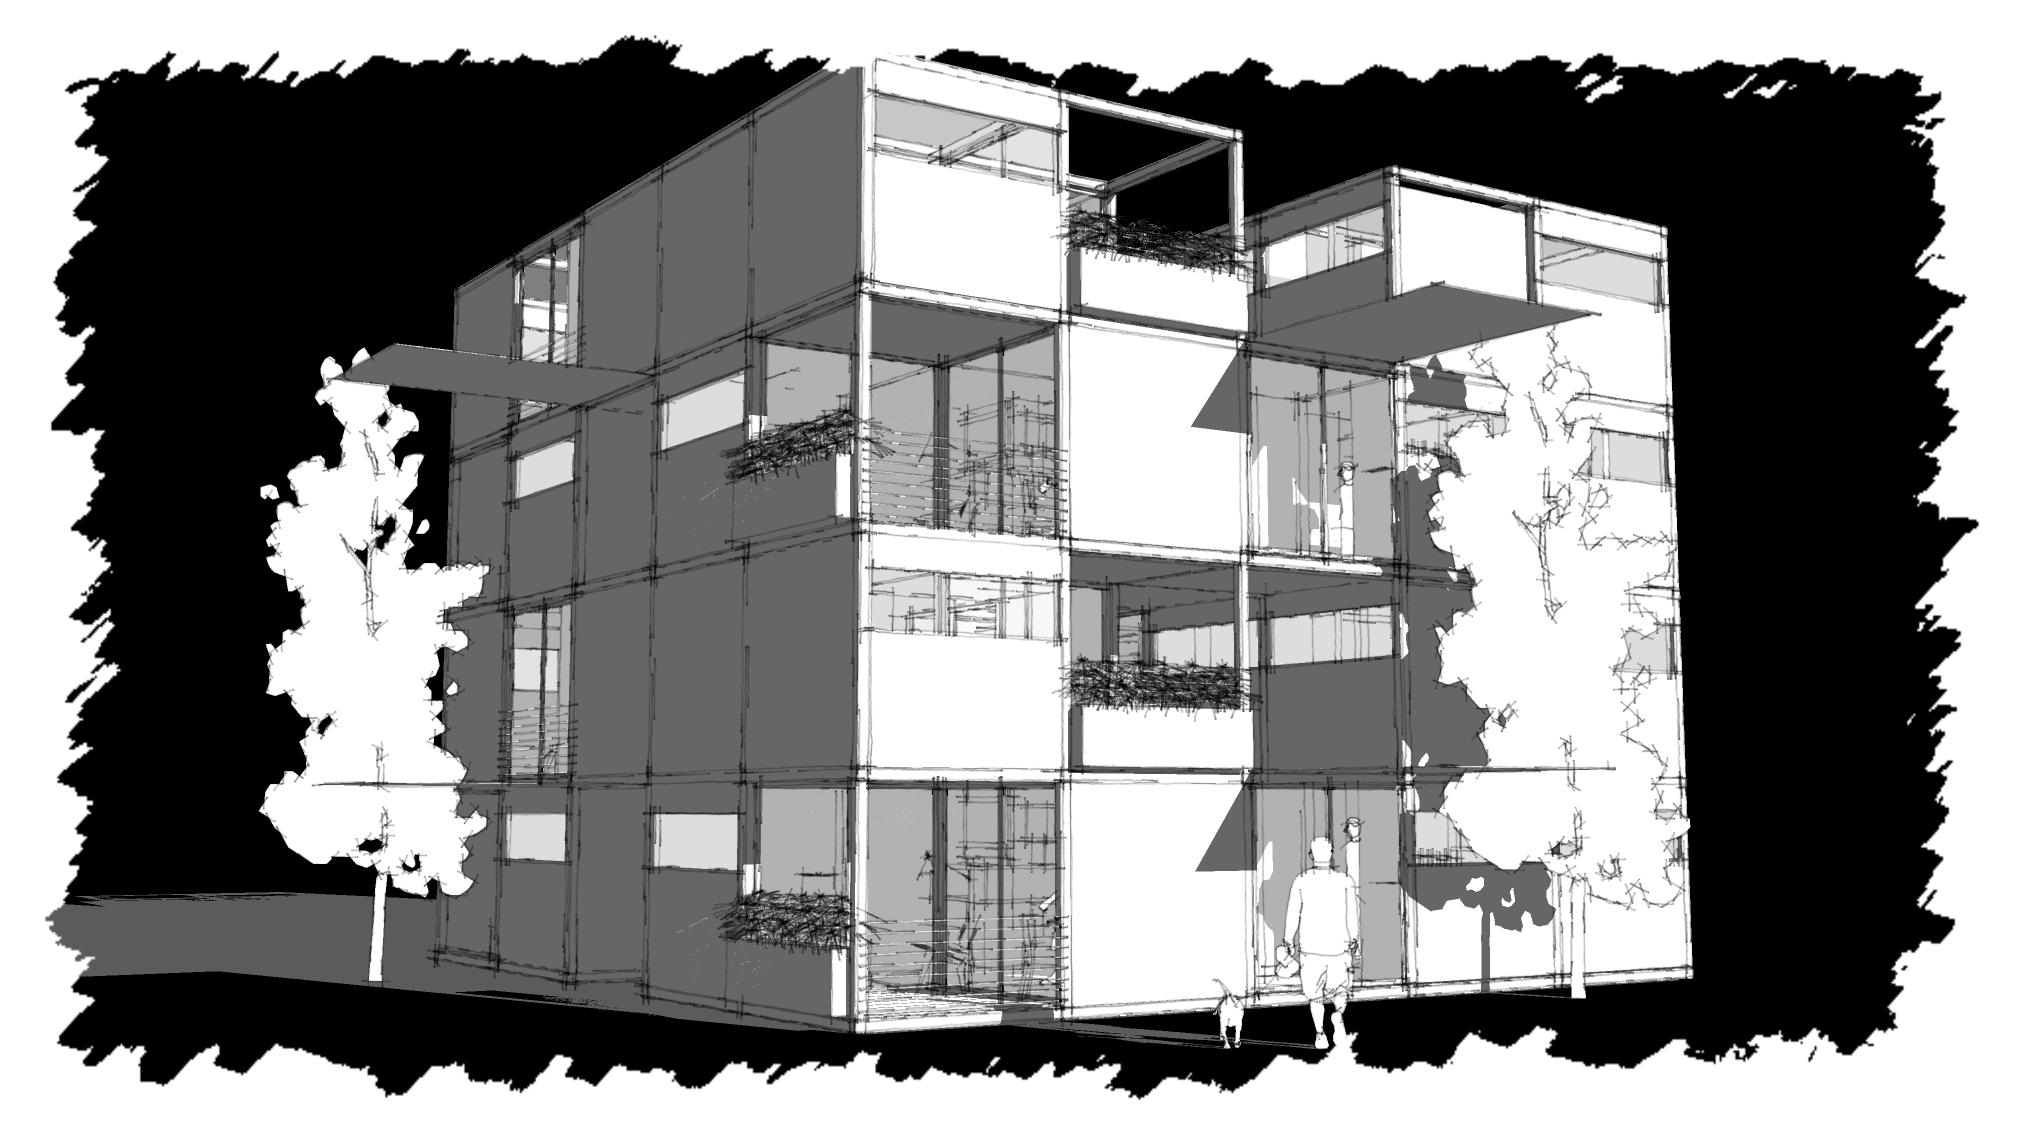 Modular housing | Design Work | Pinterest | Prefab, Architecture ...